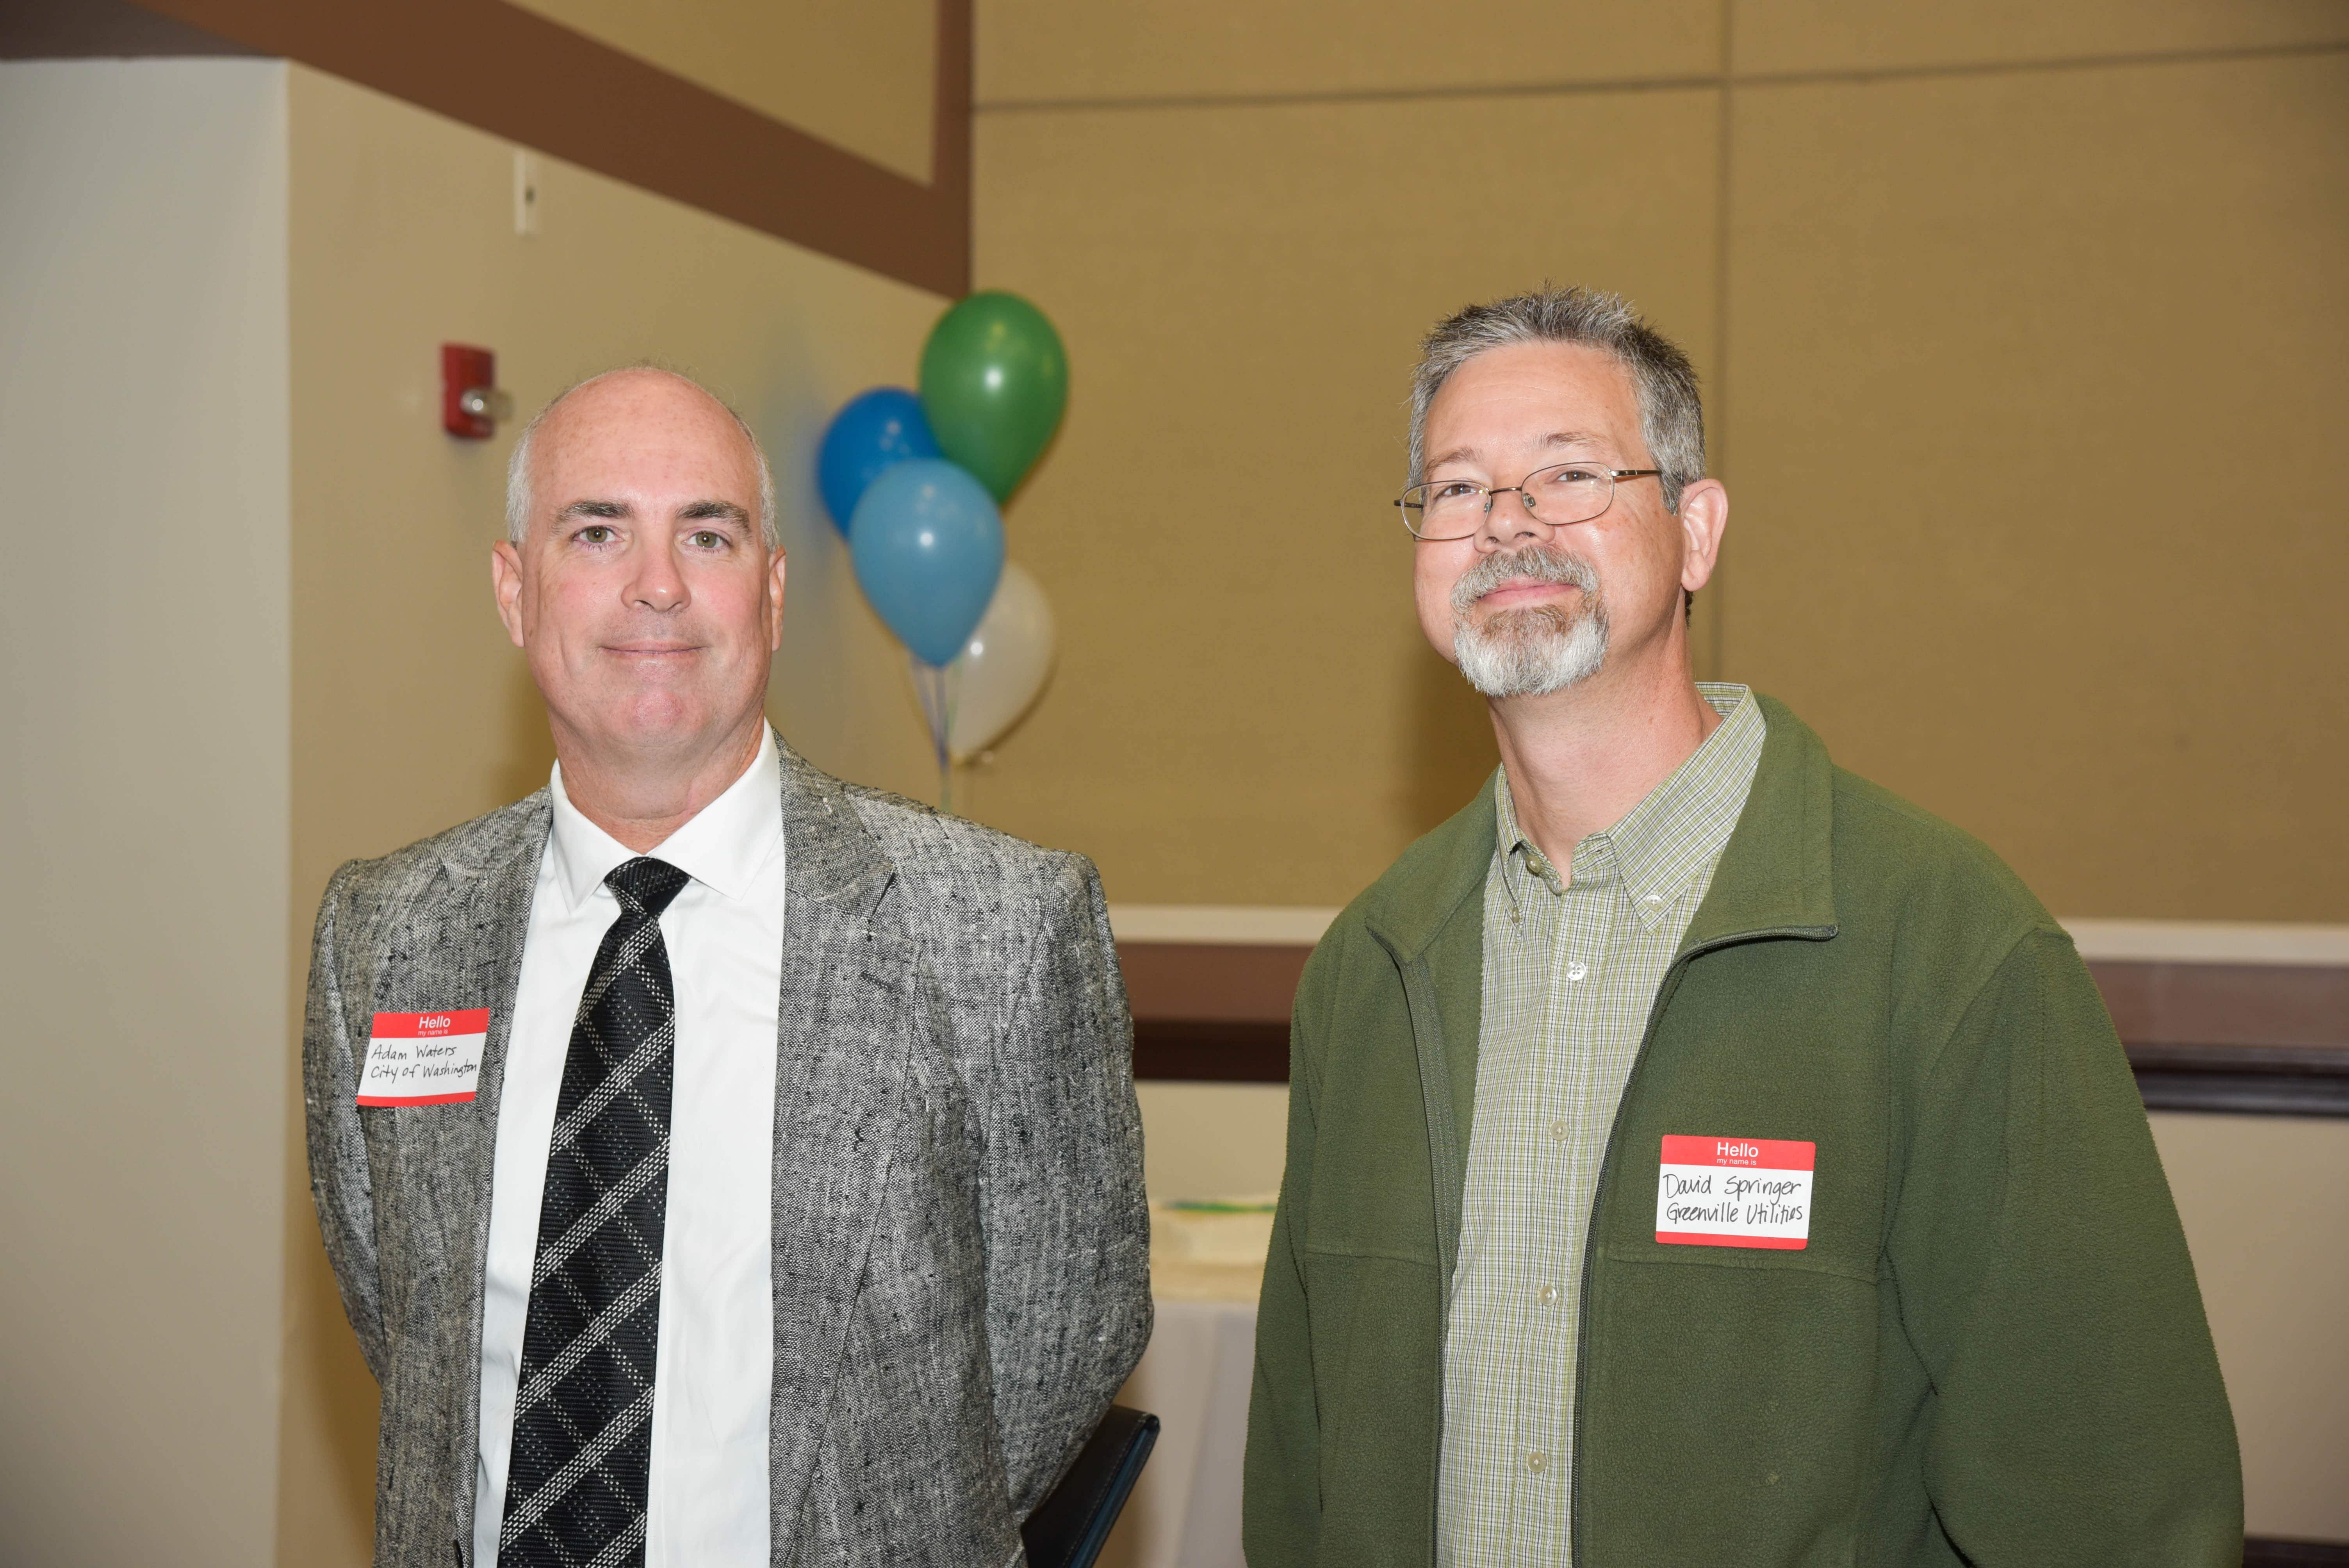 Adam Waters & David Springer